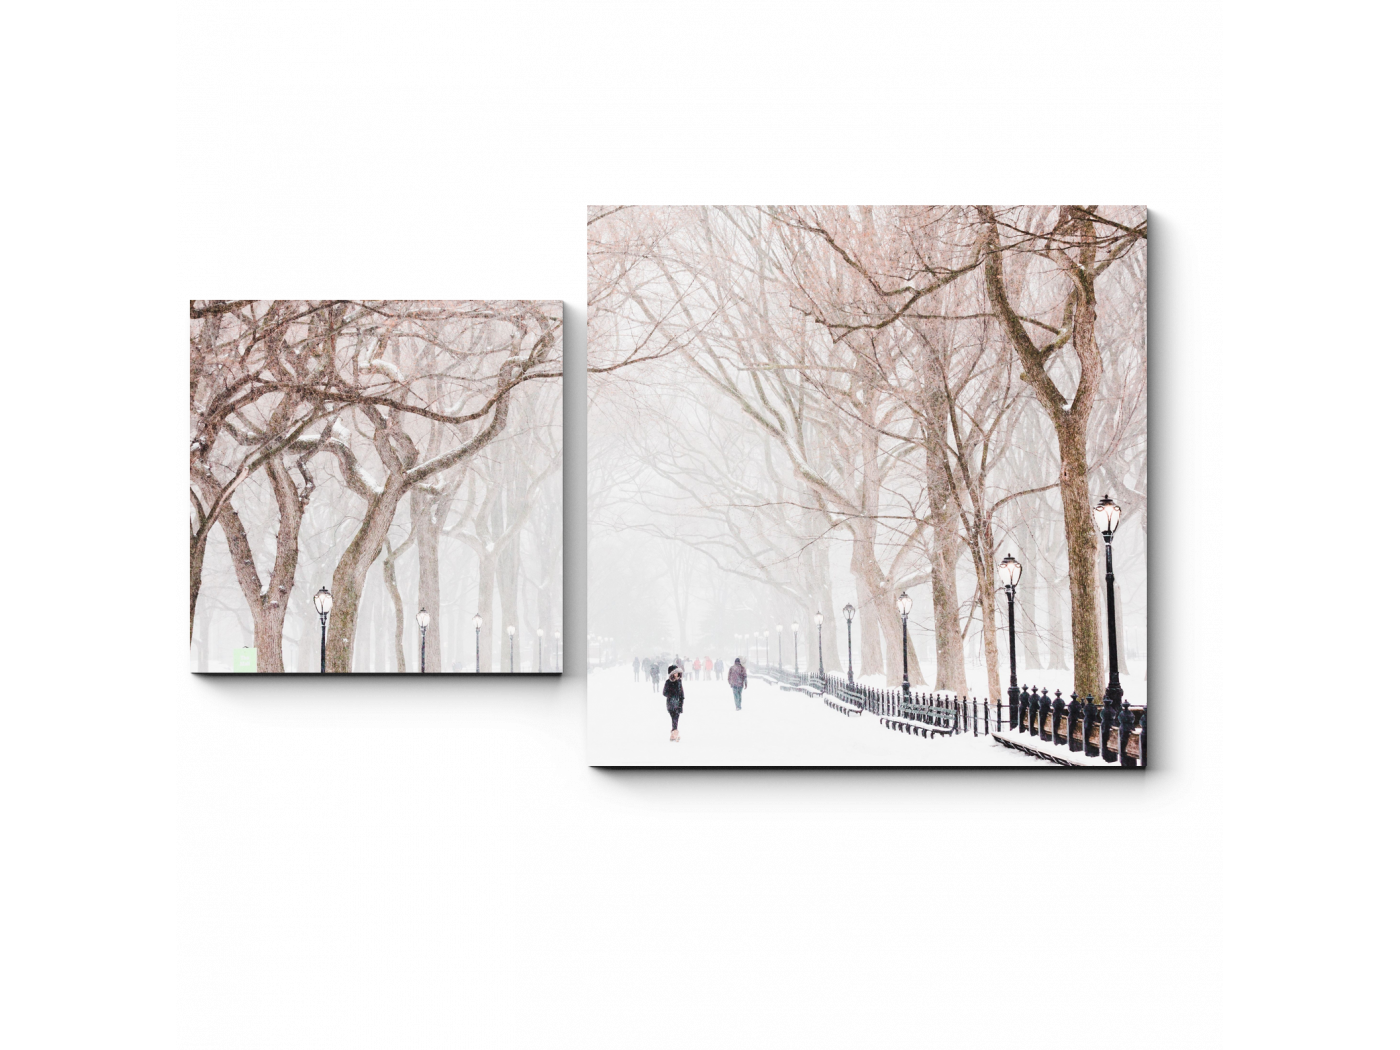 Модульная картина Зимняя алея (50x30) фото